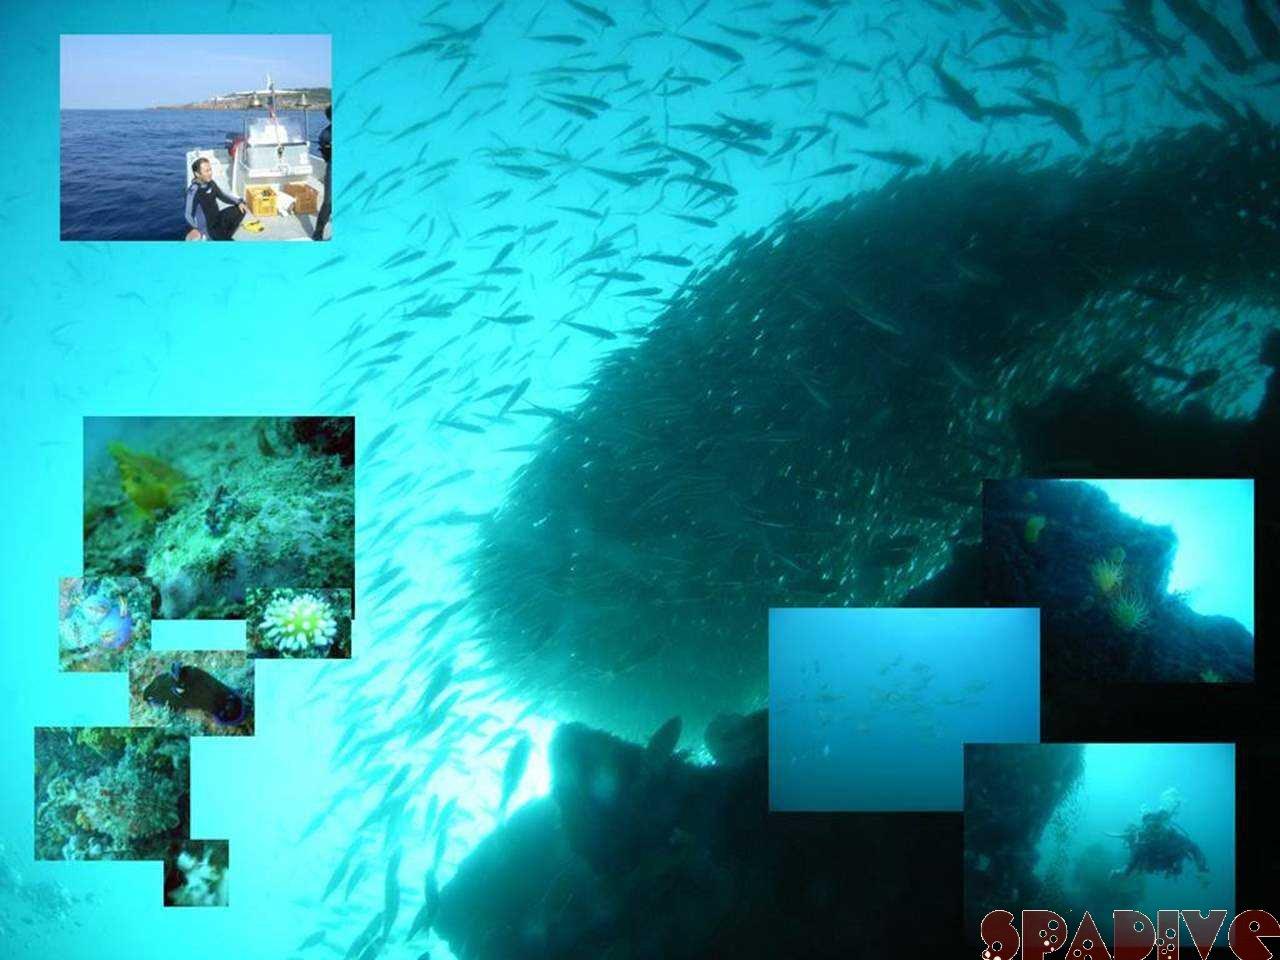 カスミの根&沈船ボートAOWアドバンス|10/31/2007南紀白浜